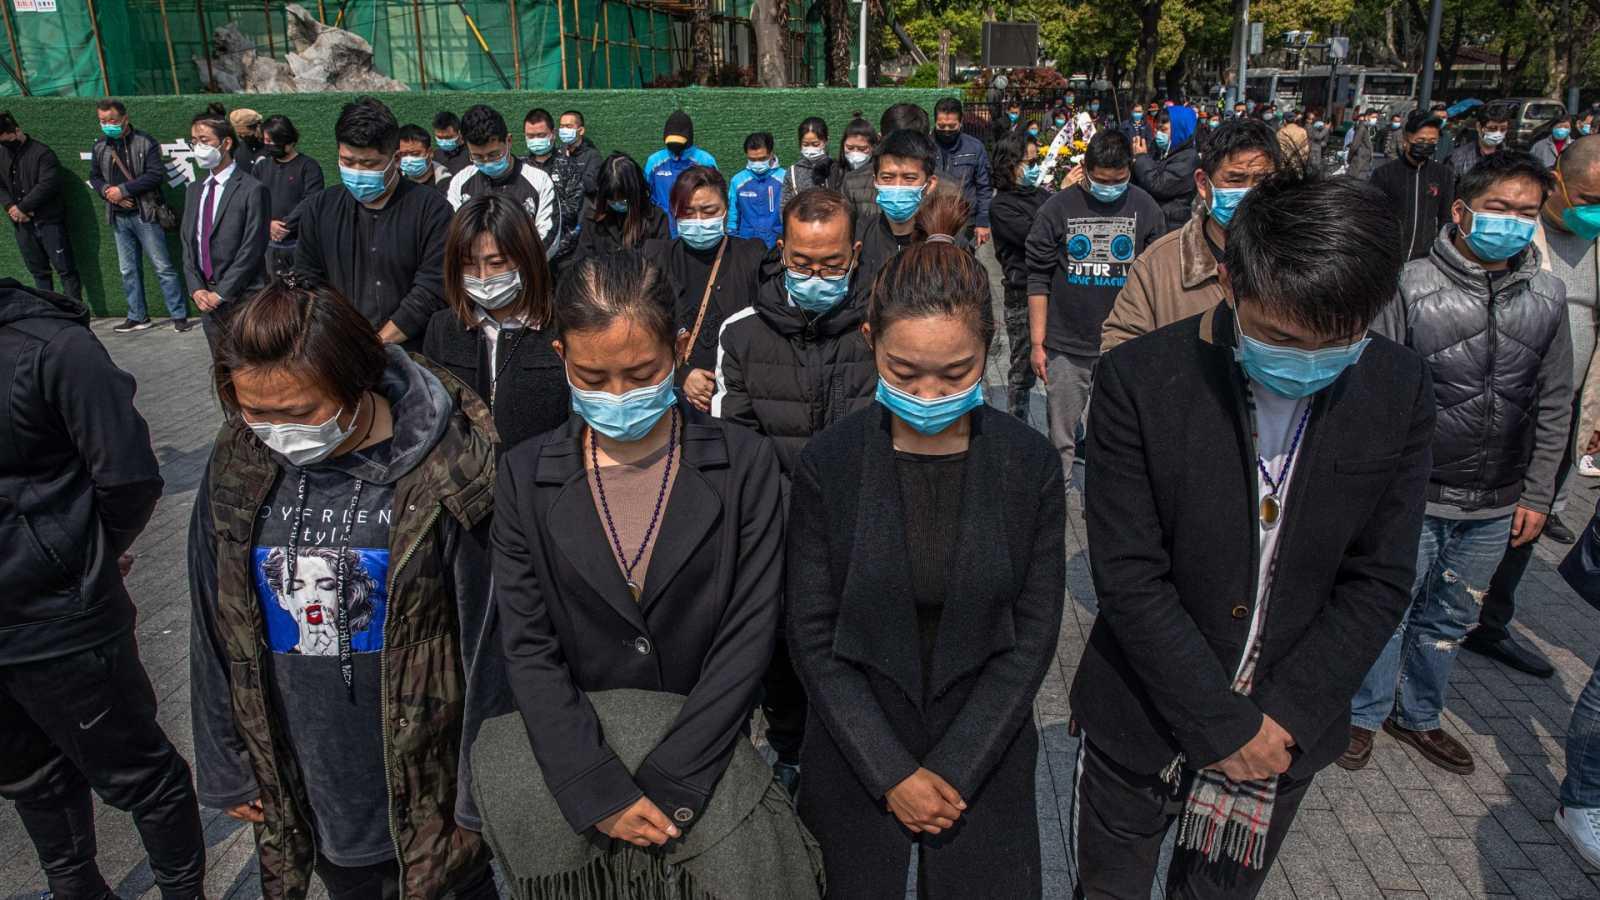 RTVE vuelve a Wuhan: el epicentro del coronavirus intenta volver a la normalidad pero extrema las medidas